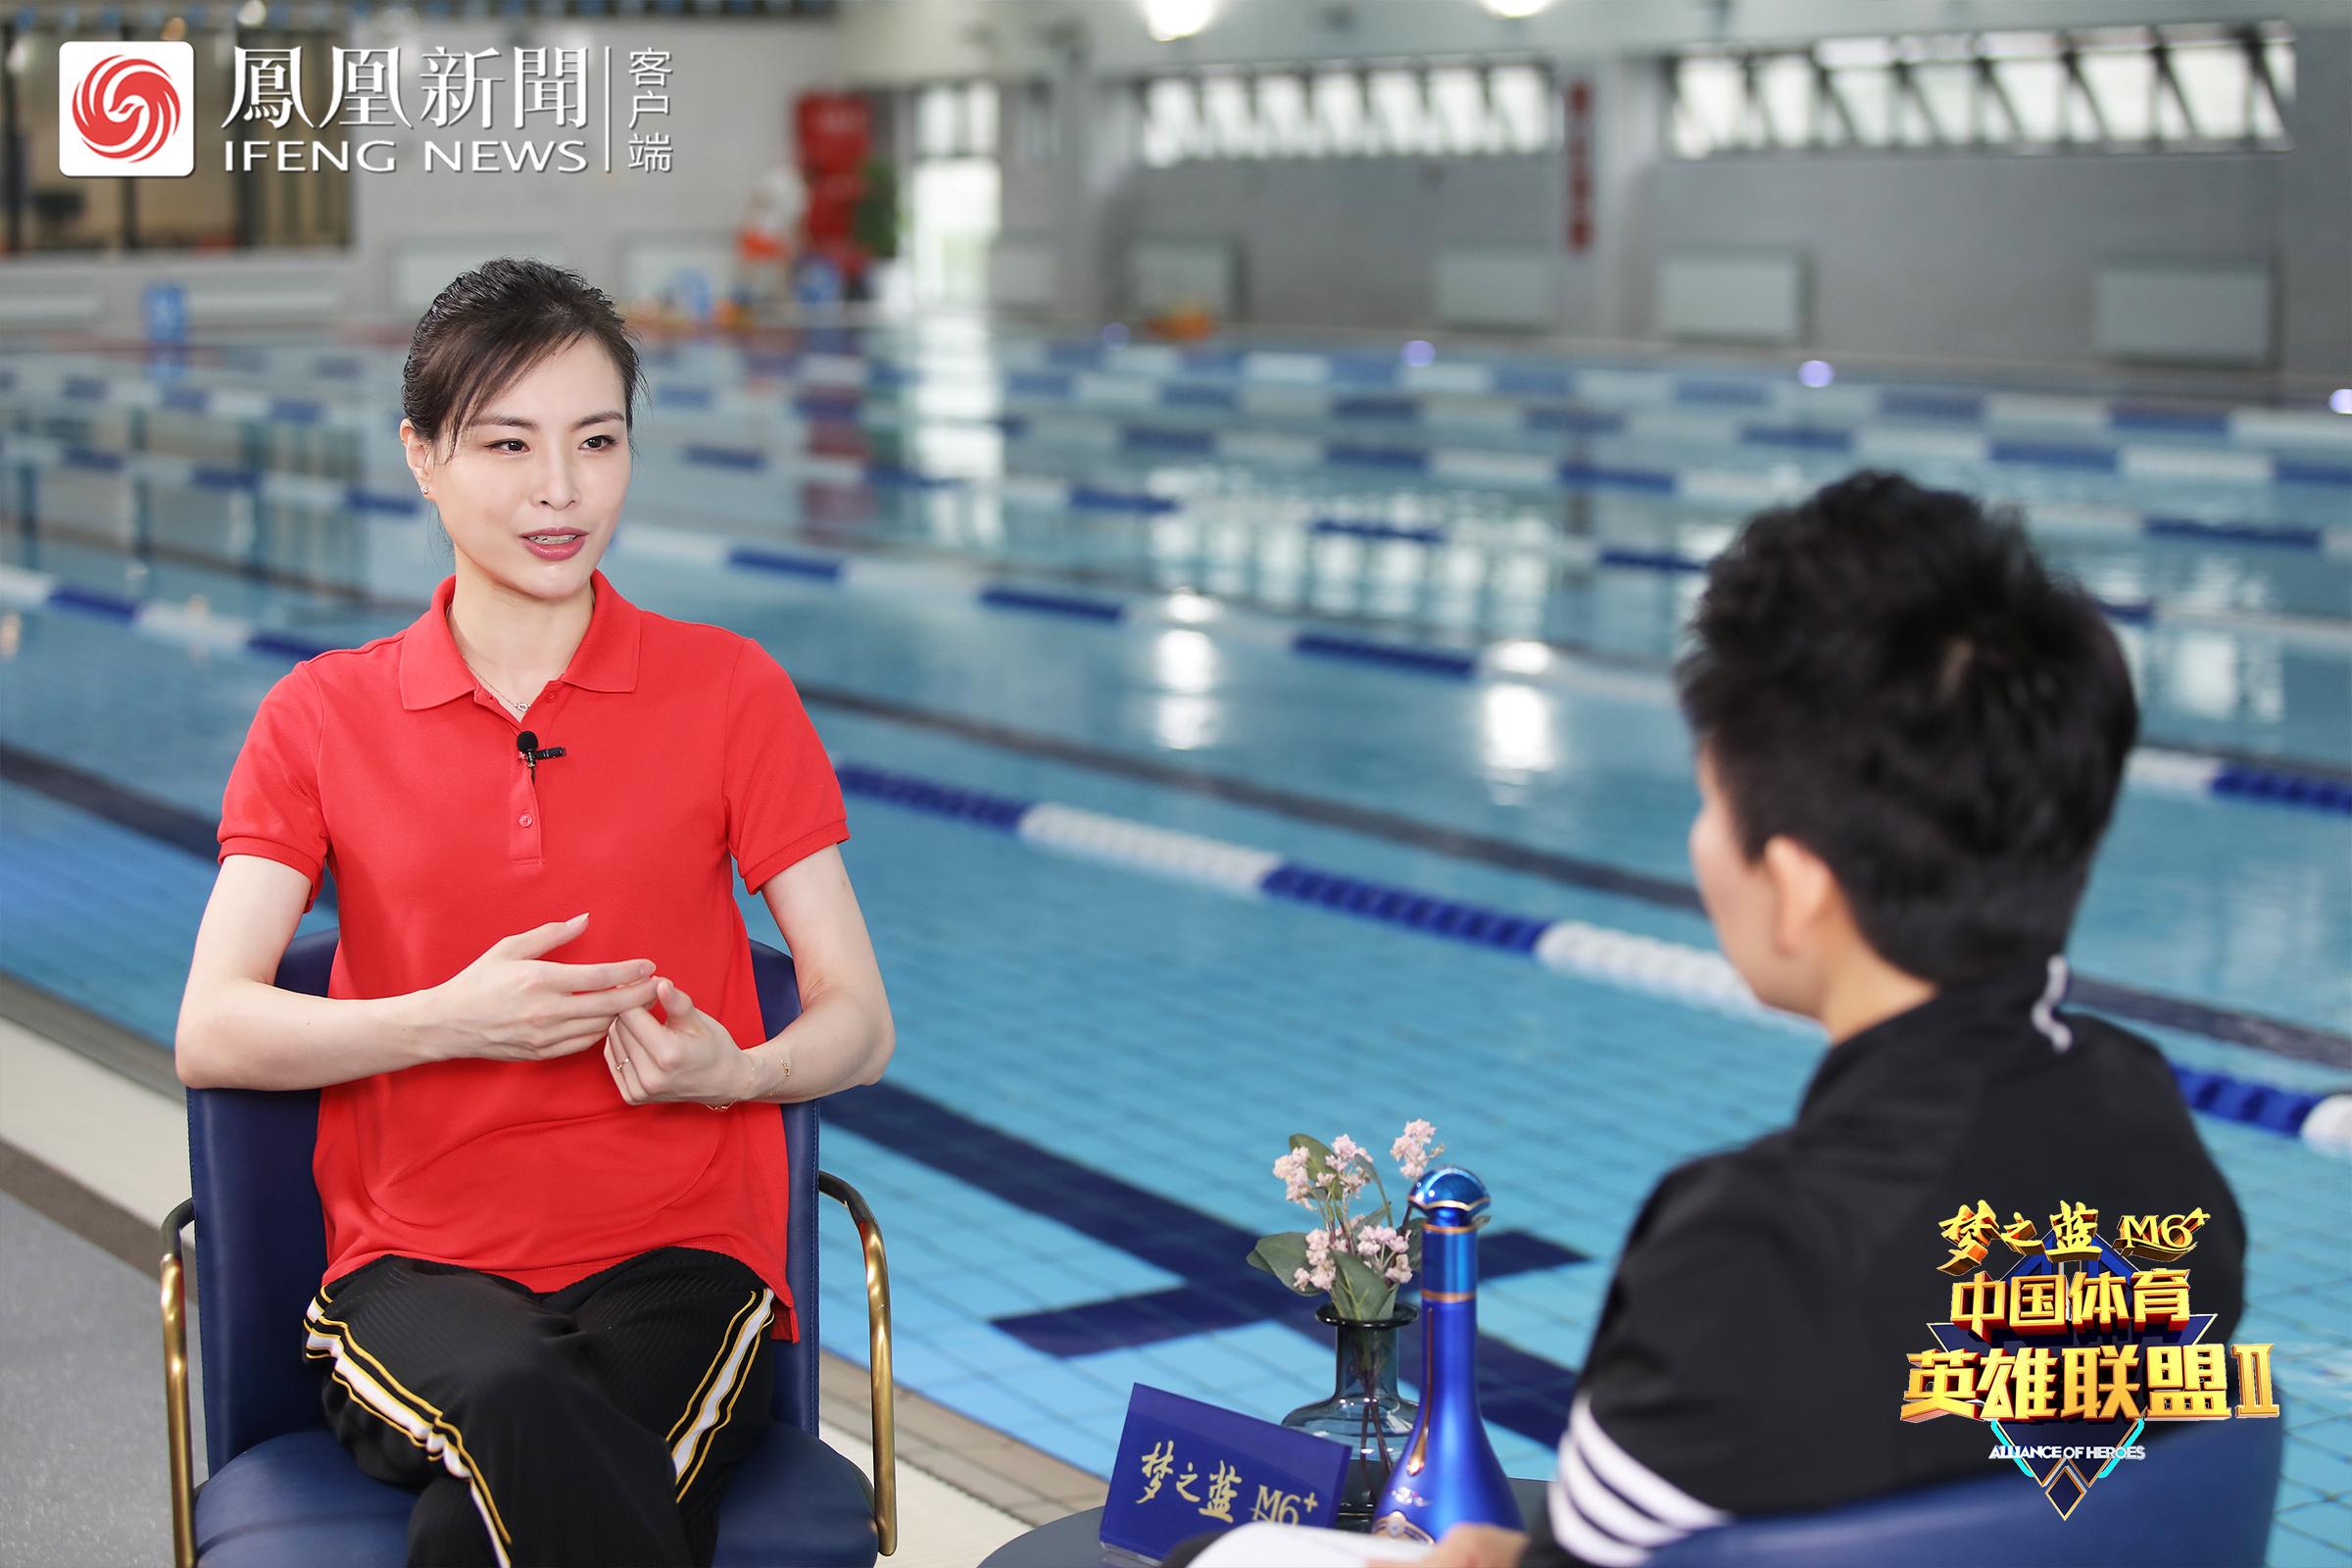 《中國體育英雄聯盟》專訪吳敏霞:在金子里都能發光的人